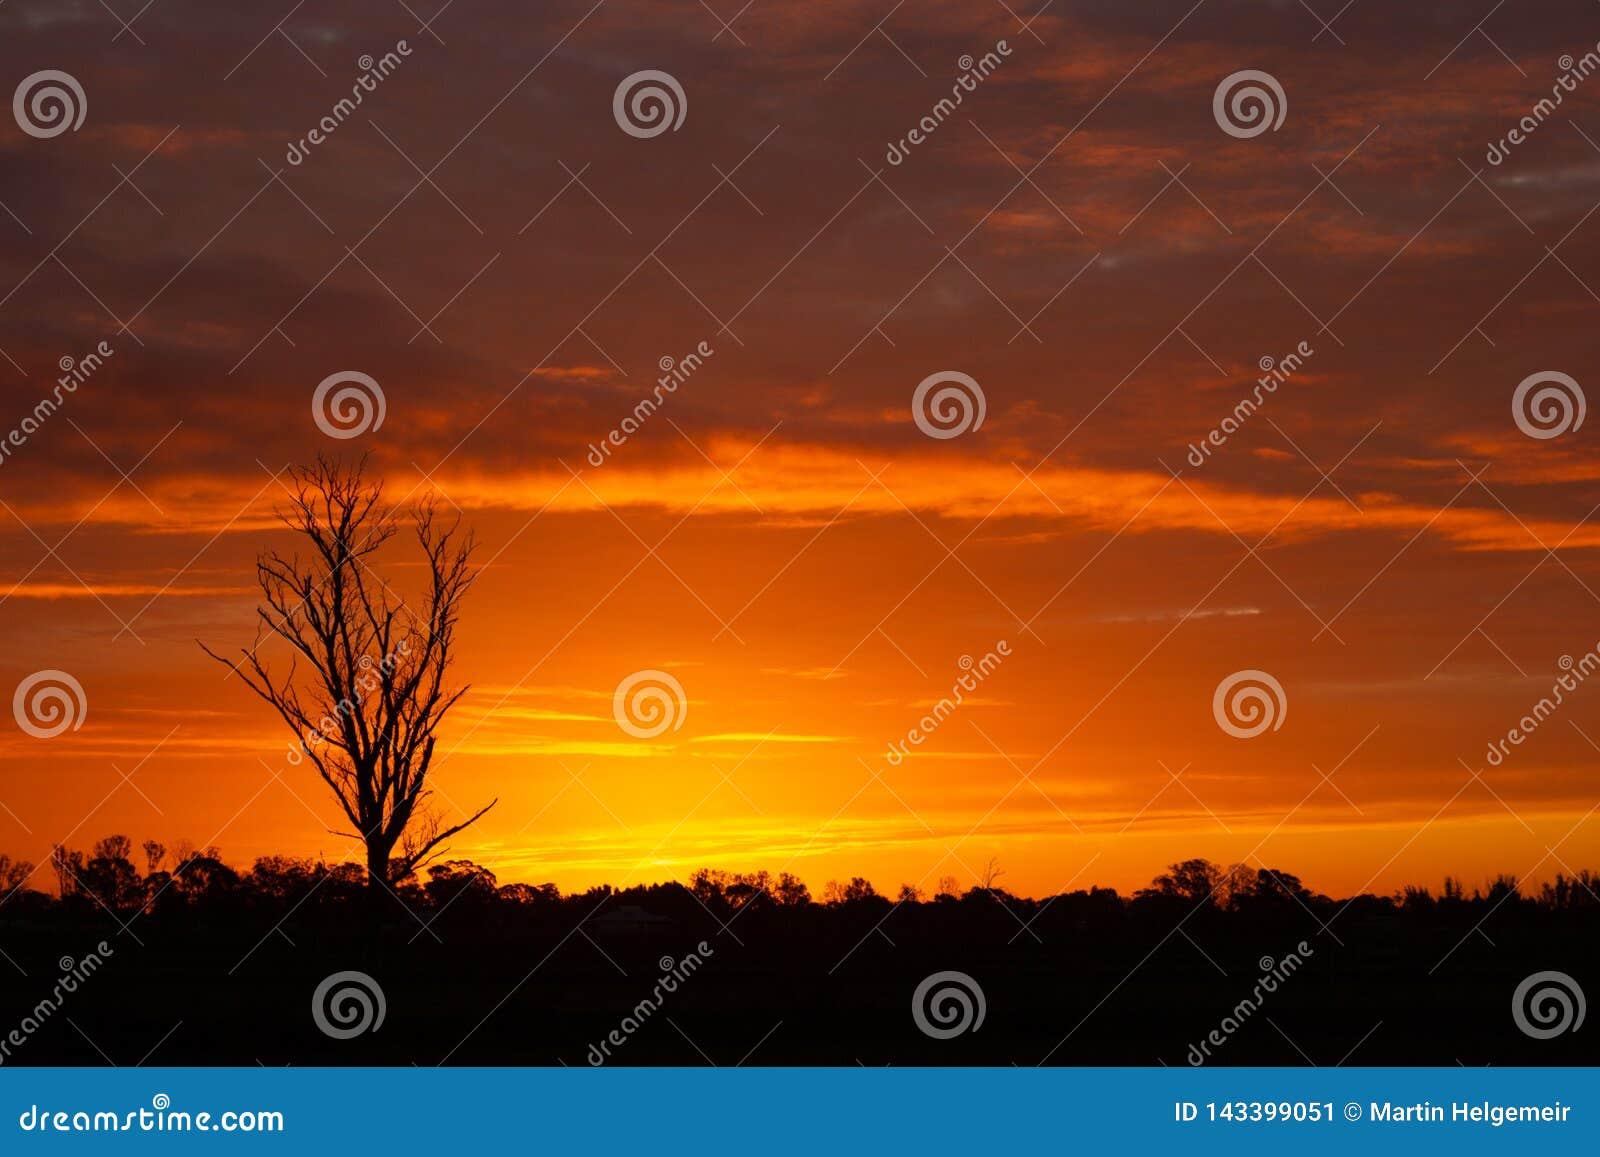 Einmal in einem Lebenszeitsonnenuntergang in Australien mit sillhouettes von B?umen, Cobram, Victoria, Australien